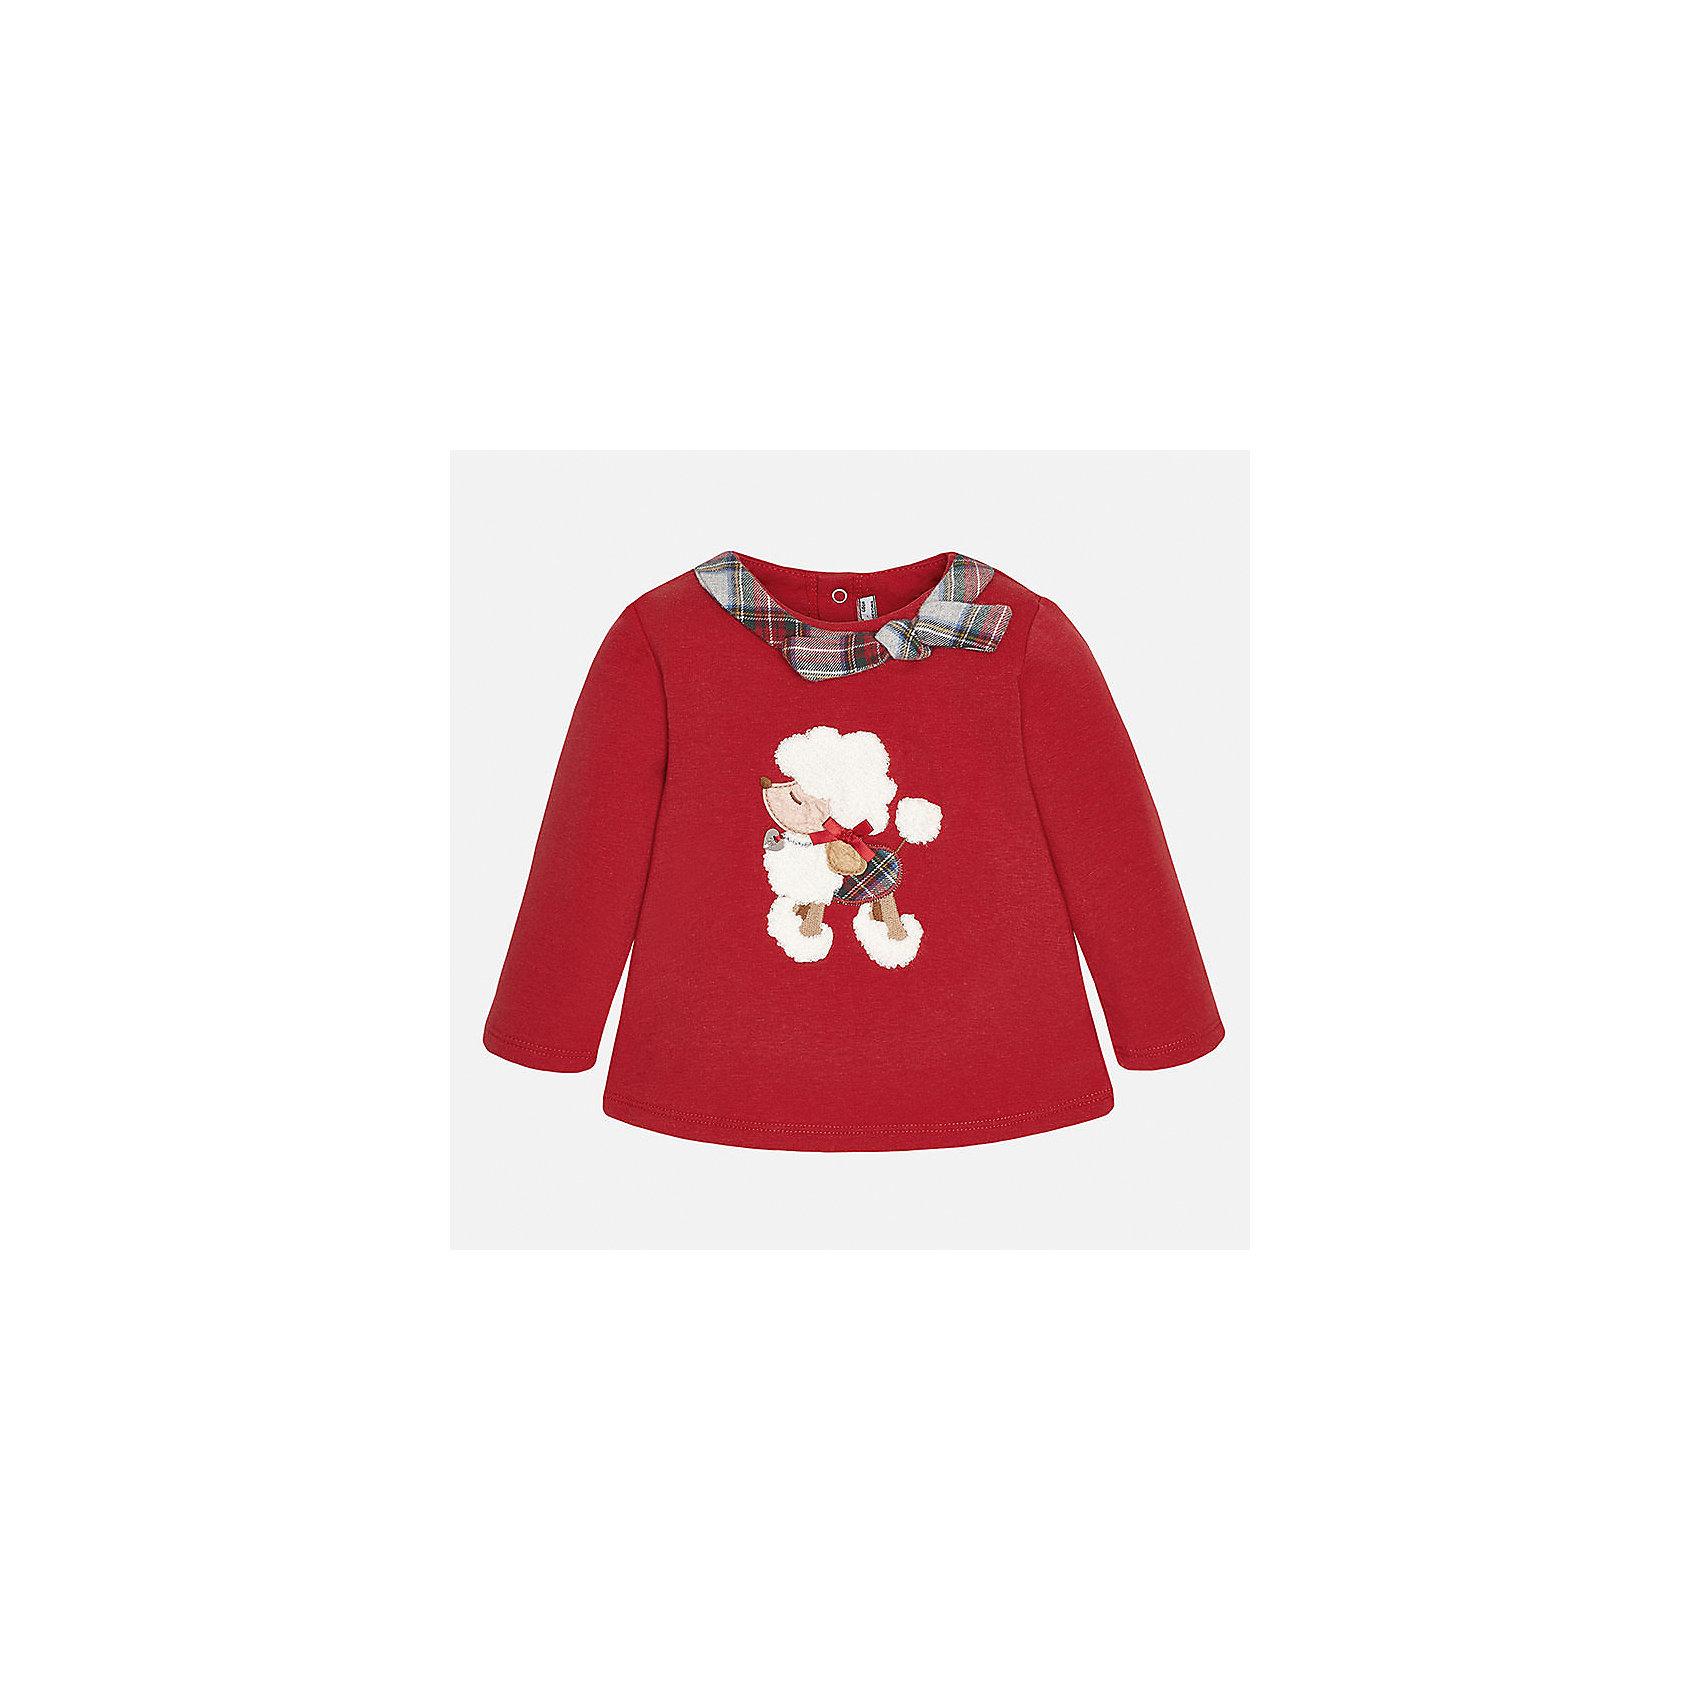 Свитер для девочки MayoralСвитер для девочки от известного испанского бренда Mayoral(Майорал) имеет длинные рукава и расширенный к низу силуэт. Модель застегивается на кнопки сзади. Спереди украшен аппликацией и декоративным шарфиком с бантом вокруг ворота. Этот стильный свитер обязательно должен быть в гардеробе любой модницы!<br><br>Дополнительная информация:<br>Состав: 57% хлопок, 38% полиэстер, 5% эластан<br>Цвет: красный<br>Вы можете купить свитер для девочки Mayoral(Майорал) в нашем интернет-магазине.<br><br>Ширина мм: 190<br>Глубина мм: 74<br>Высота мм: 229<br>Вес г: 236<br>Цвет: красный<br>Возраст от месяцев: 6<br>Возраст до месяцев: 9<br>Пол: Женский<br>Возраст: Детский<br>Размер: 74,86,80,92<br>SKU: 4846069